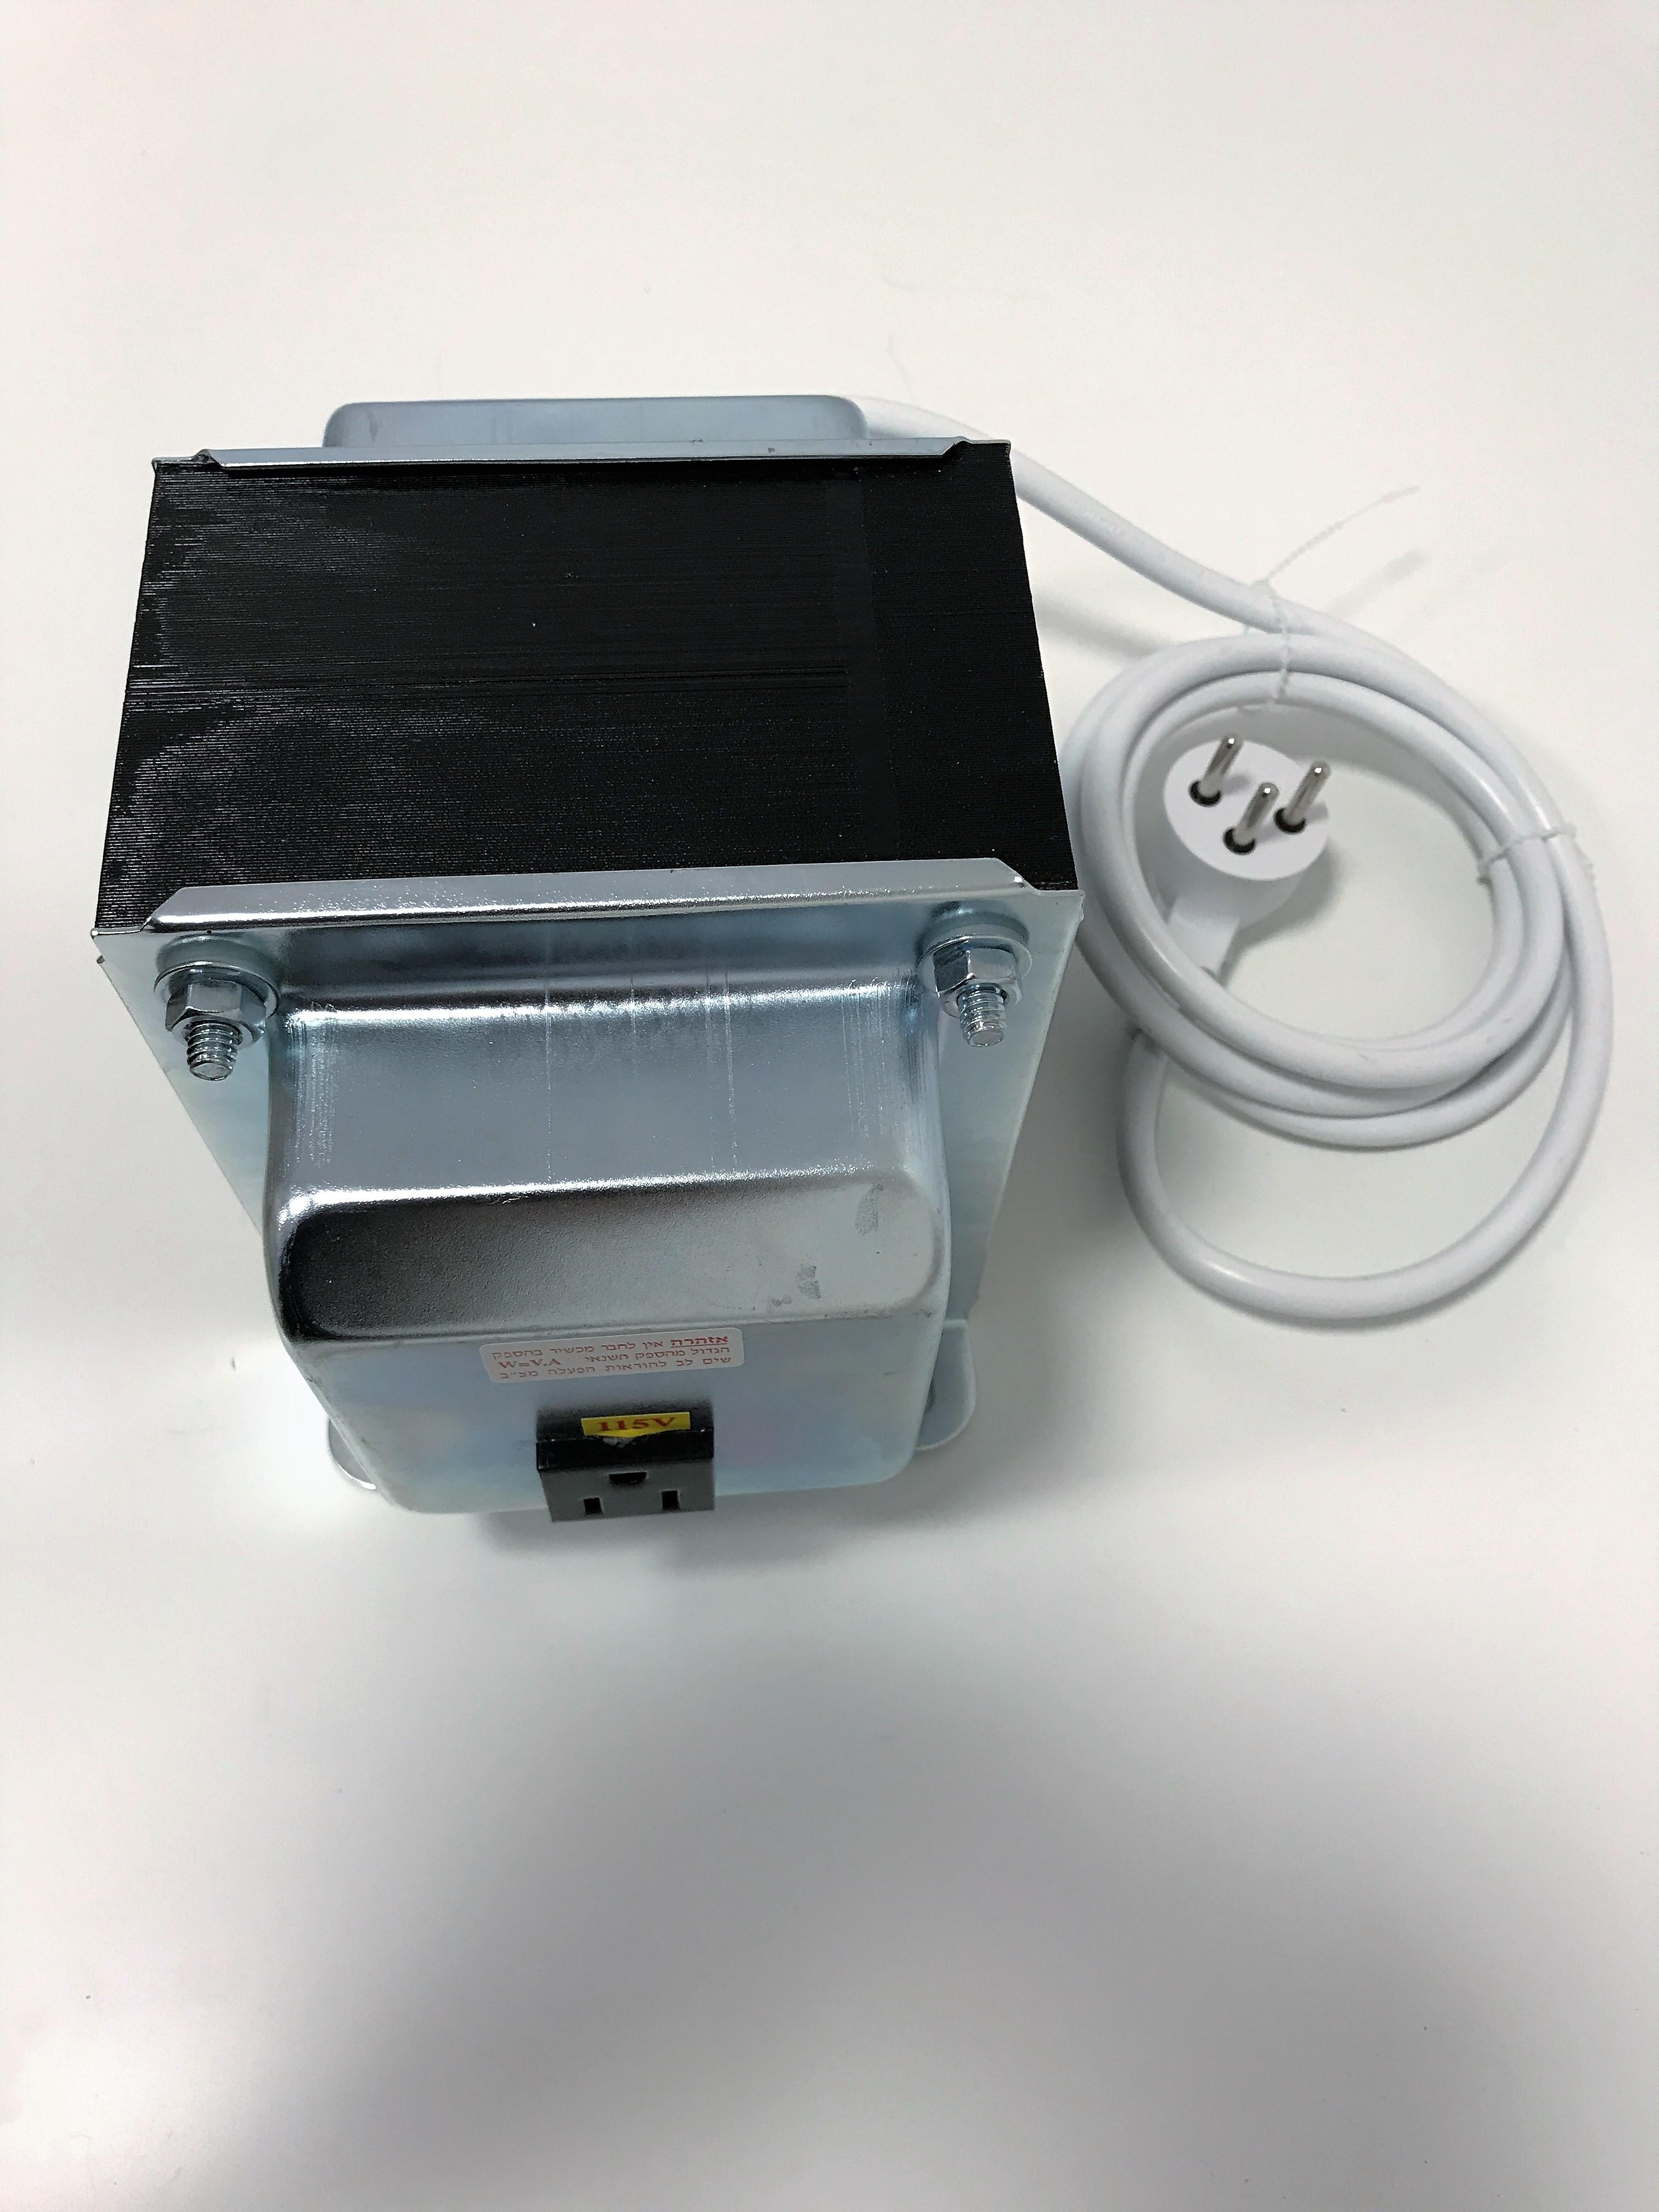 שנאי אוטוטרפו בהספק 1000VA (למקרר אמריקאי 105V)